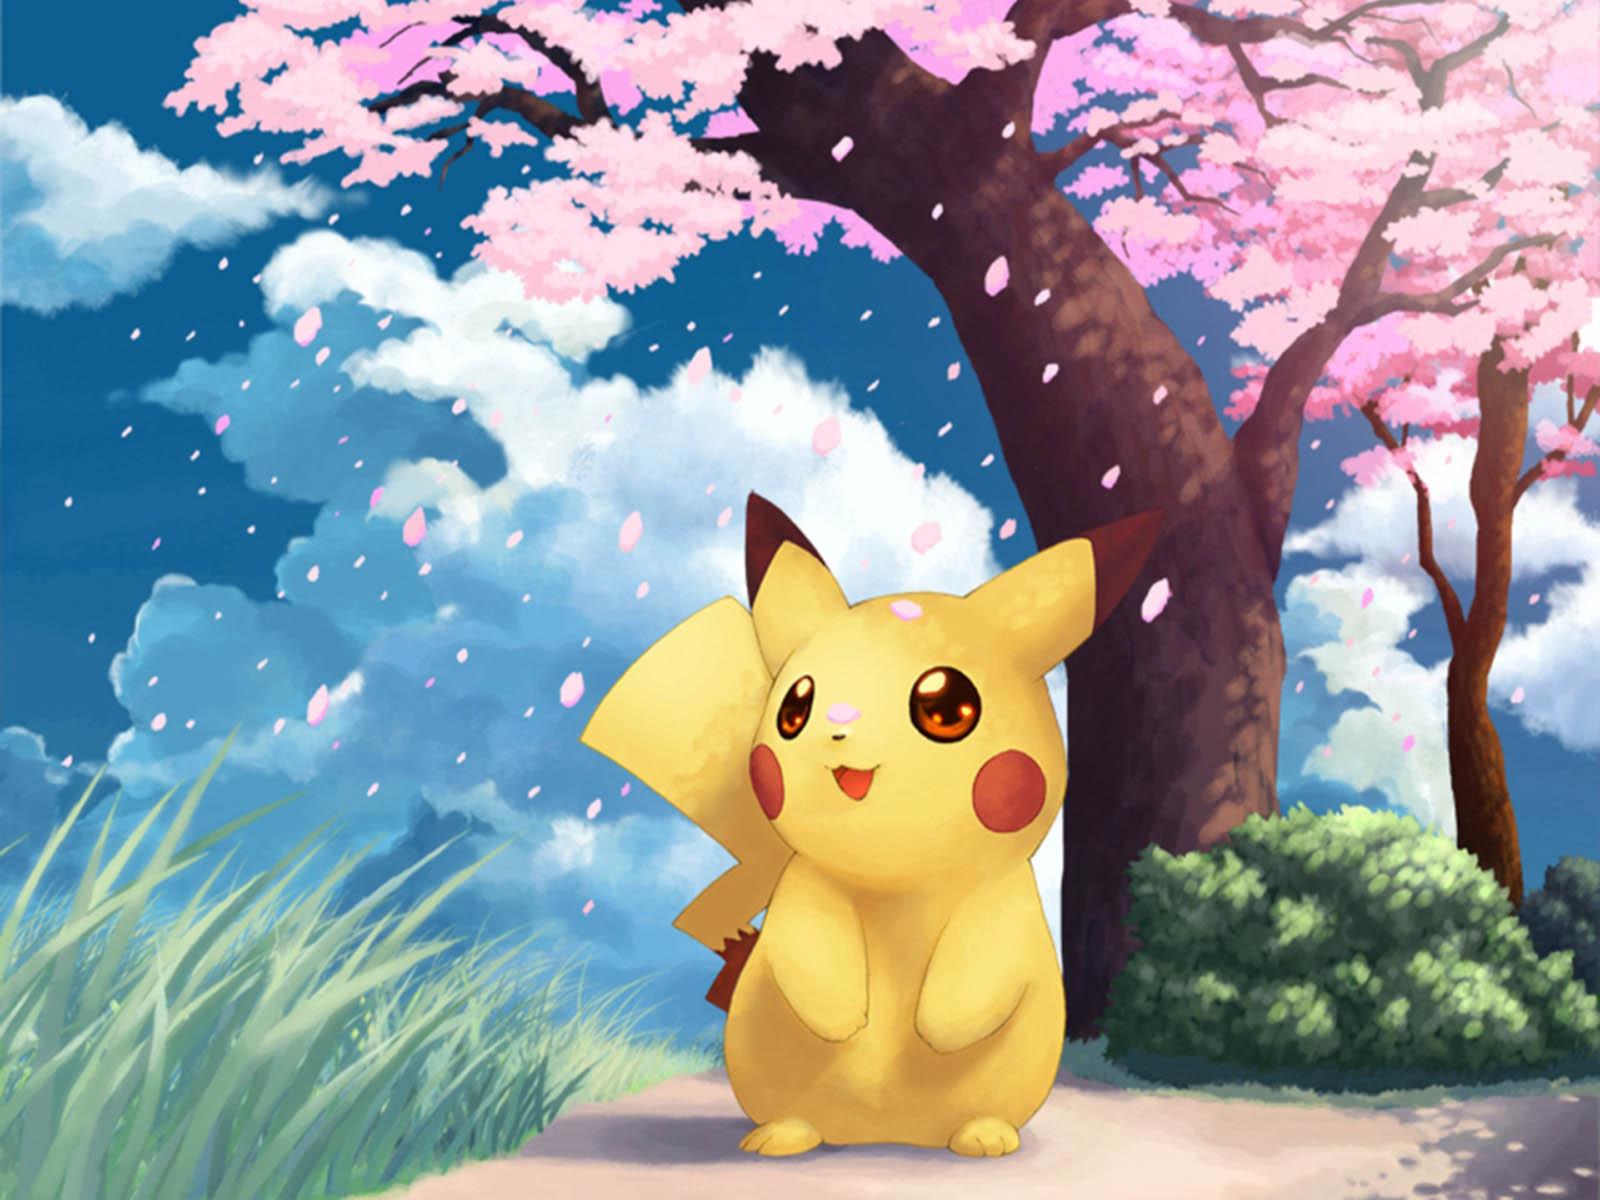 pikachu pokemon wallpaper - photo #17